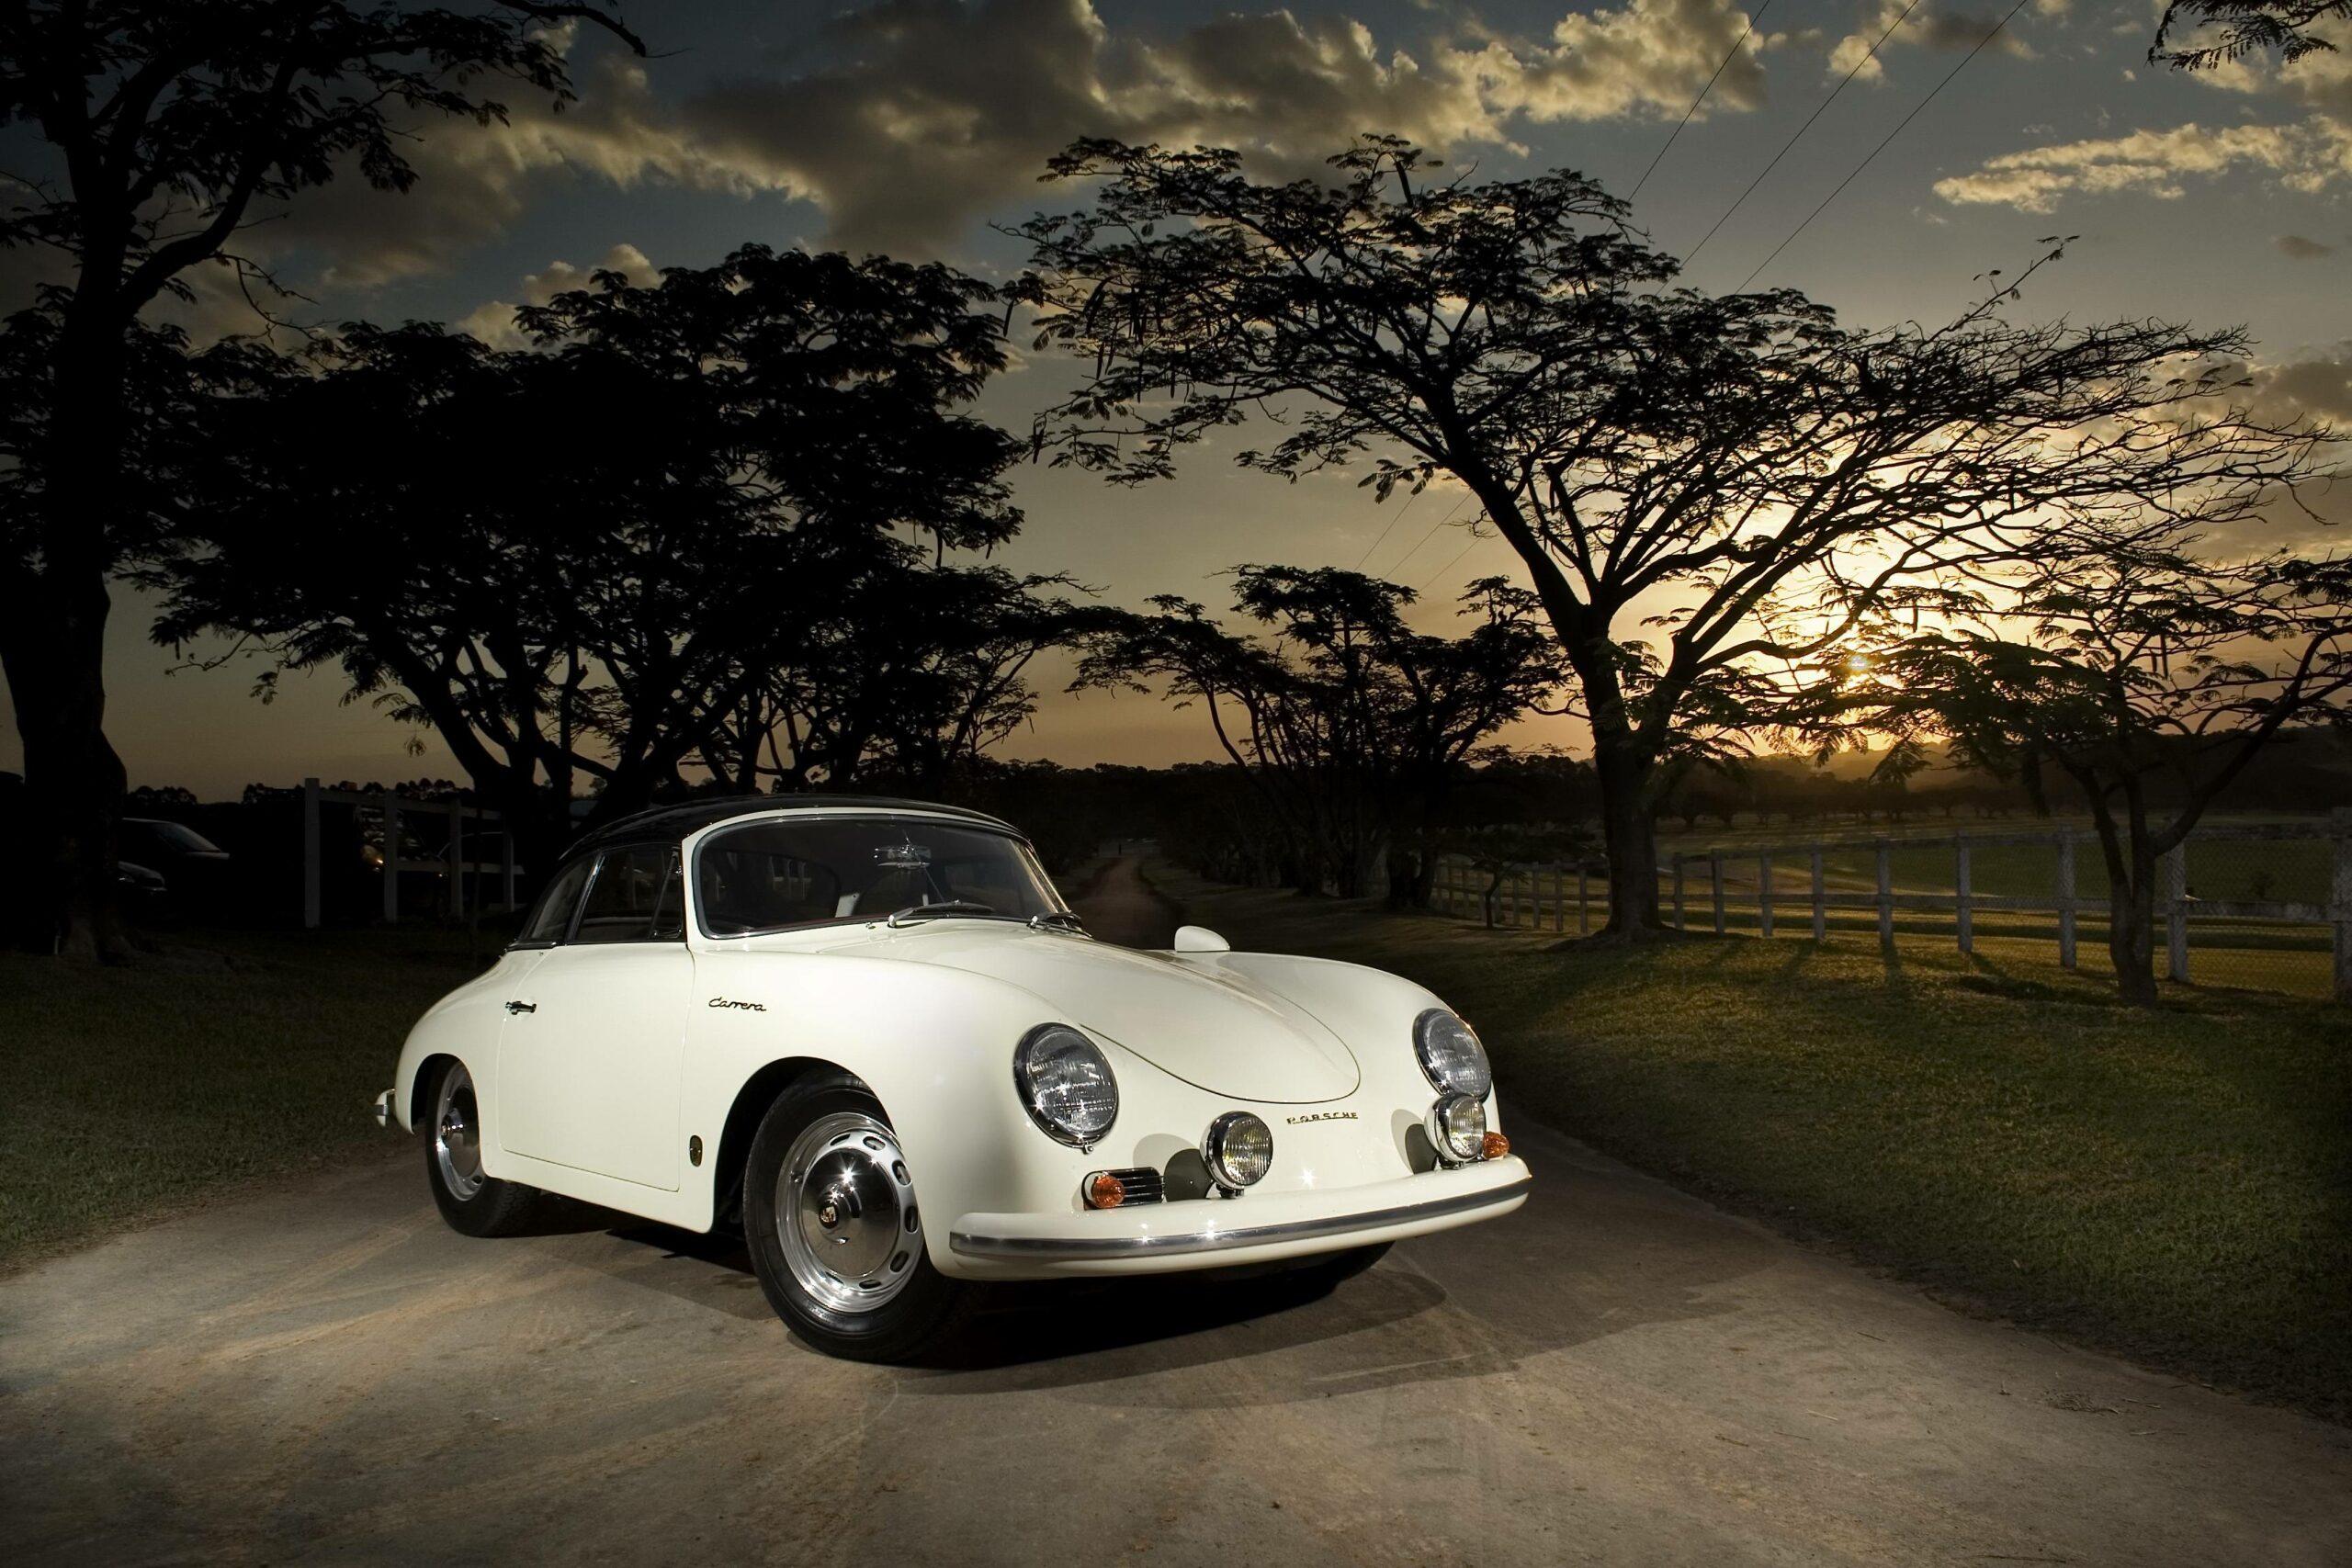 Porsche 356 Wallpapers